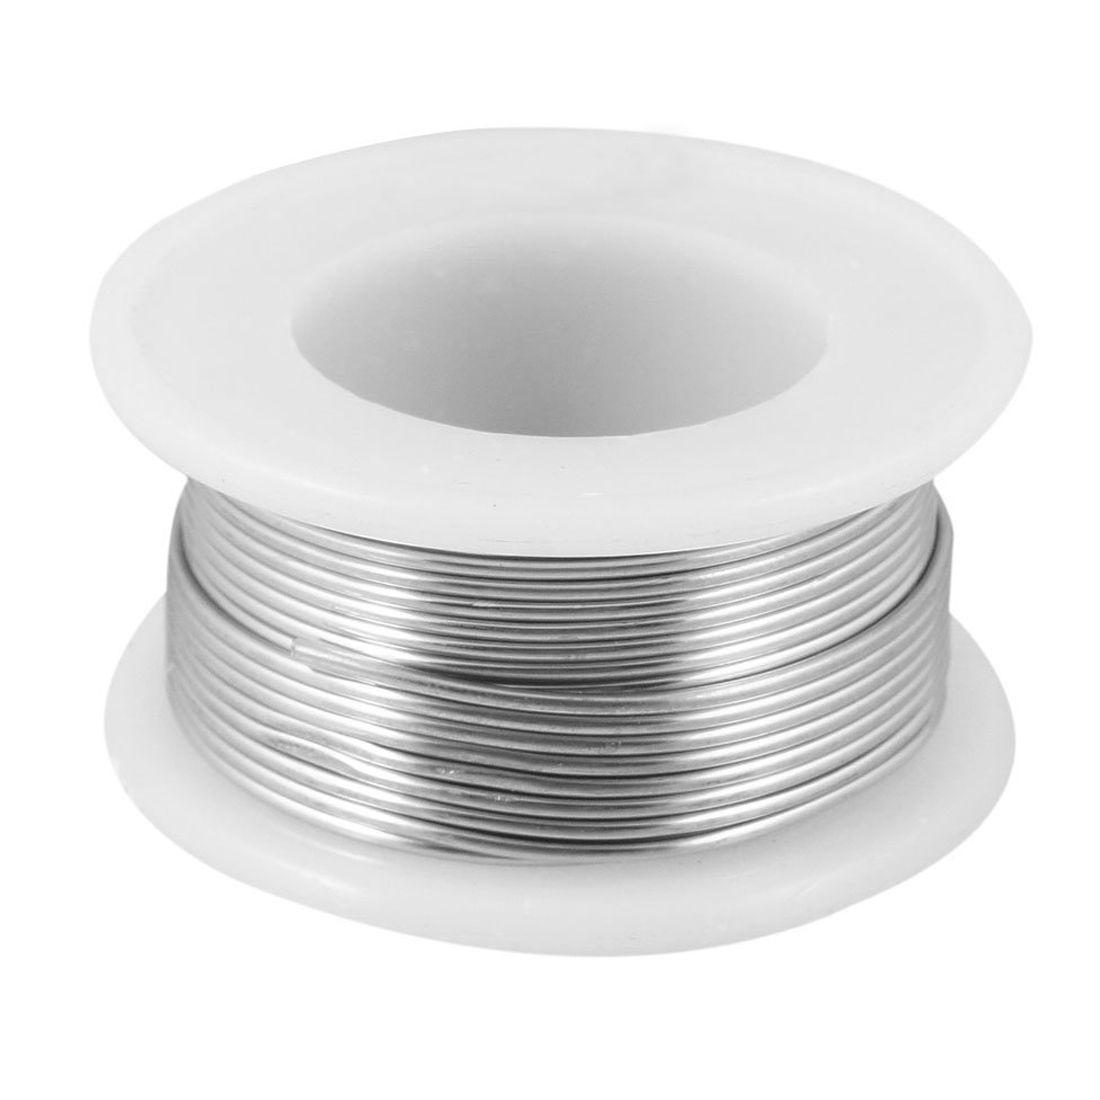 IMC Hot 1.2% Flux 1mm Diameter Tin Lead Soldering Rosin Core Wire Silver Tone